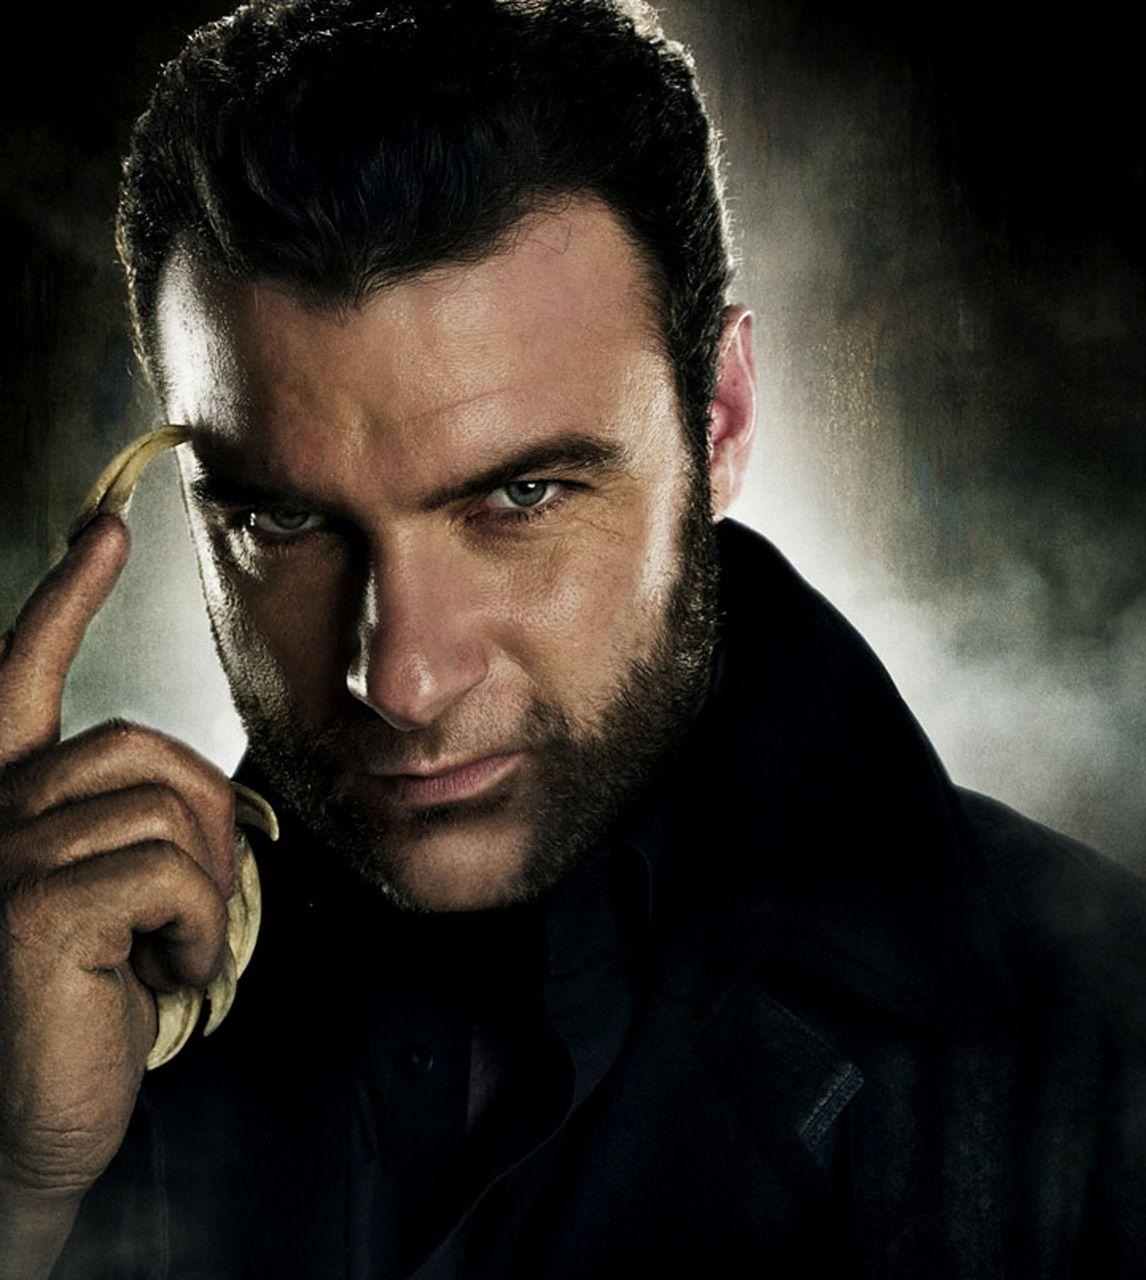 Victor Creed Aka Sabretooth X Men Origins Wolverine Played By Liev Schriber Wolverine Movie Liev Schreiber Victor Creed